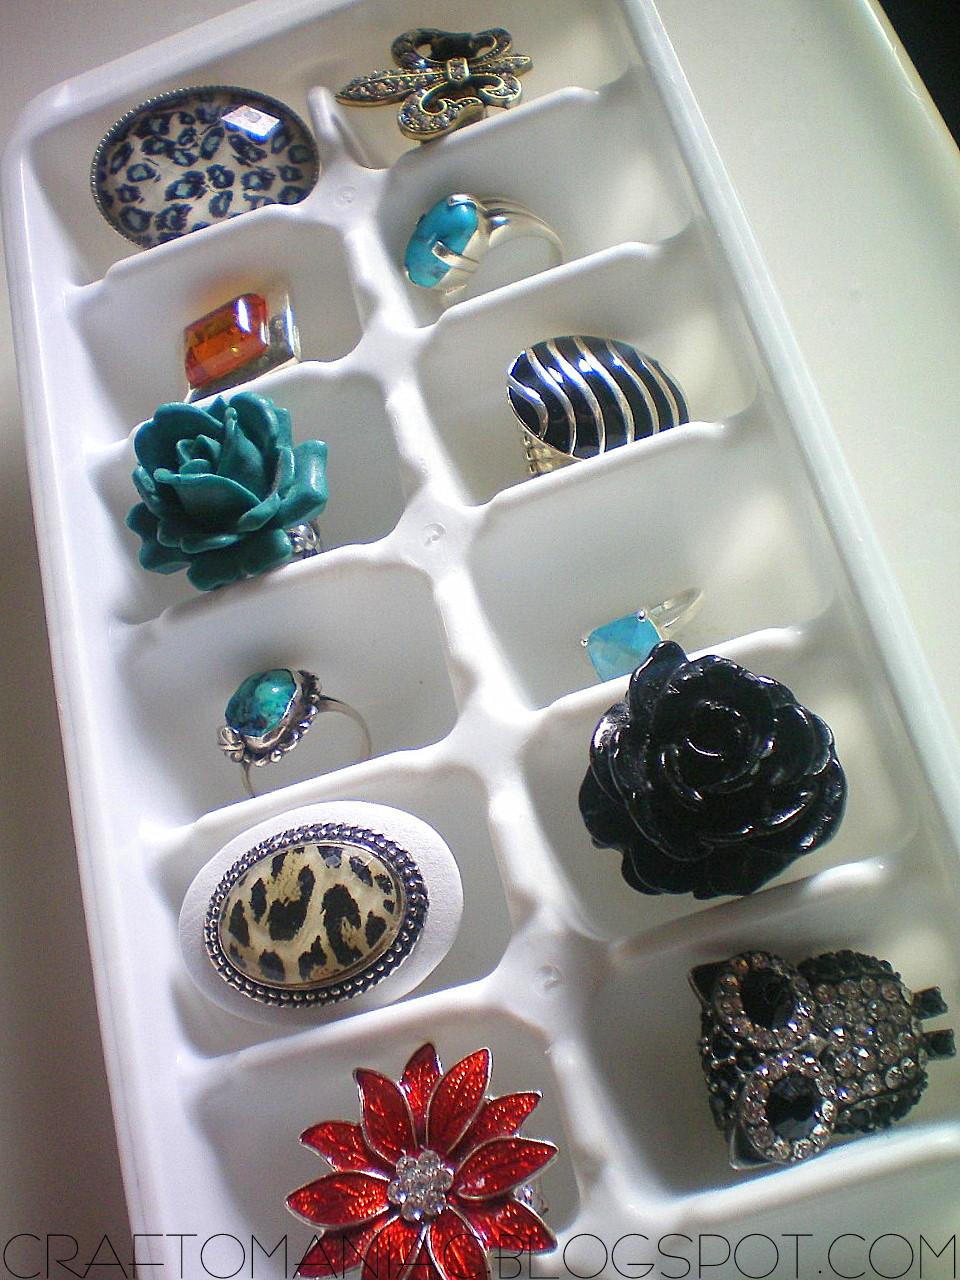 Getting OrganizedDIY Earring Necklace Holder CraftOManiac